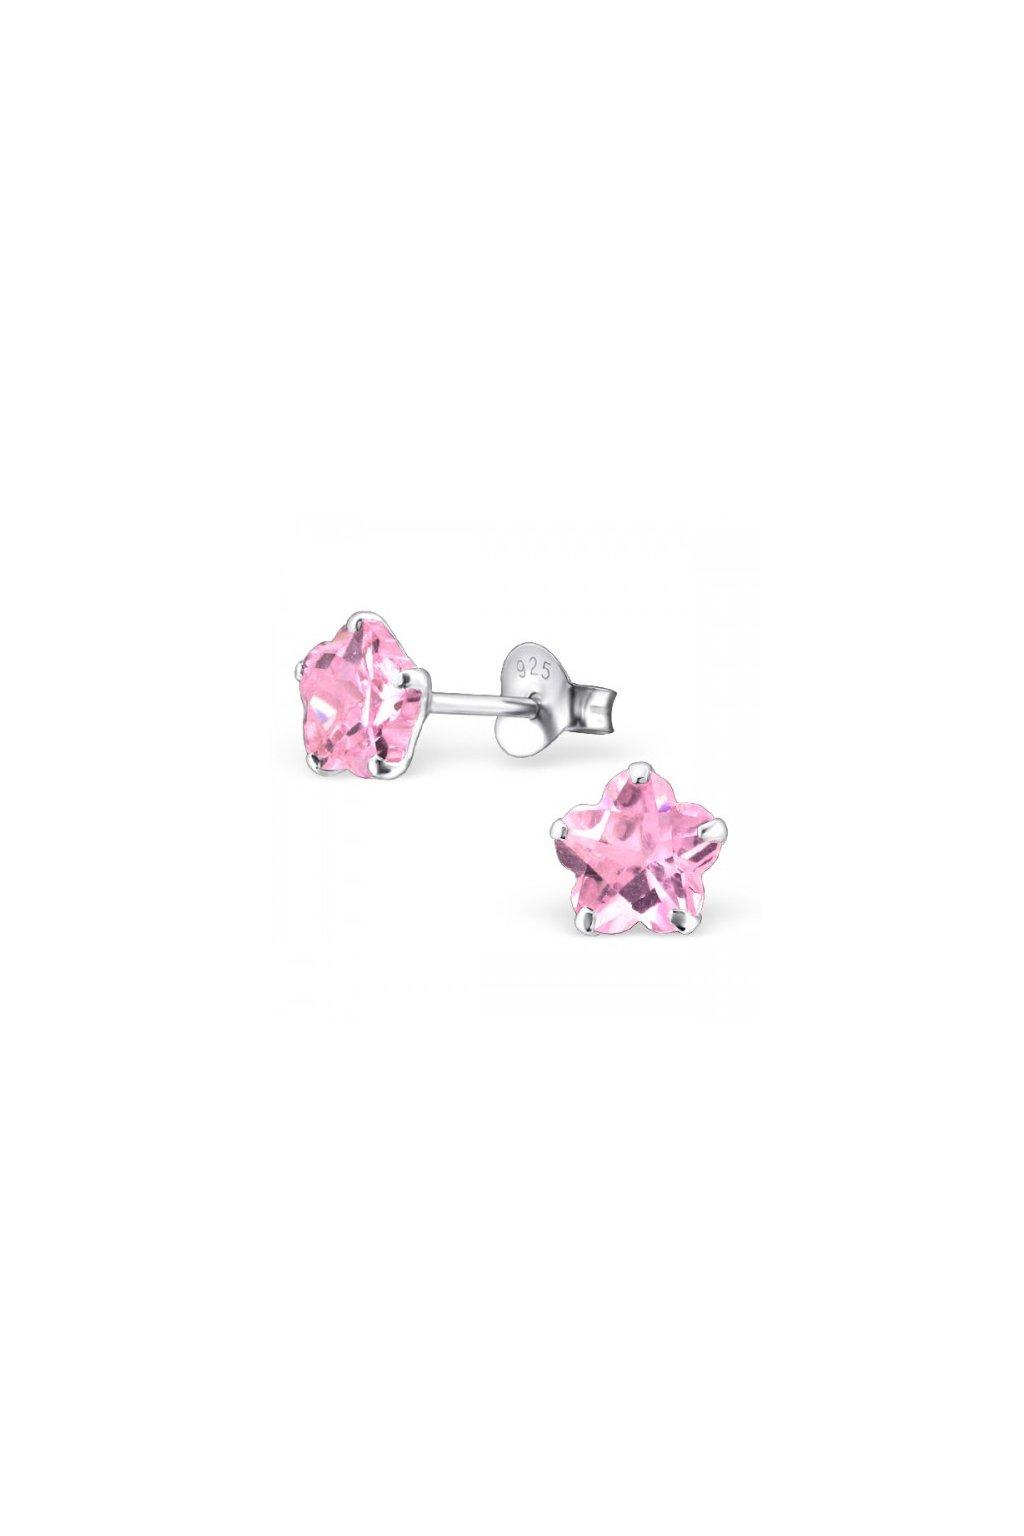 Strieborné náušnice hviezdy - 925 cz ružový kryštál MS22030